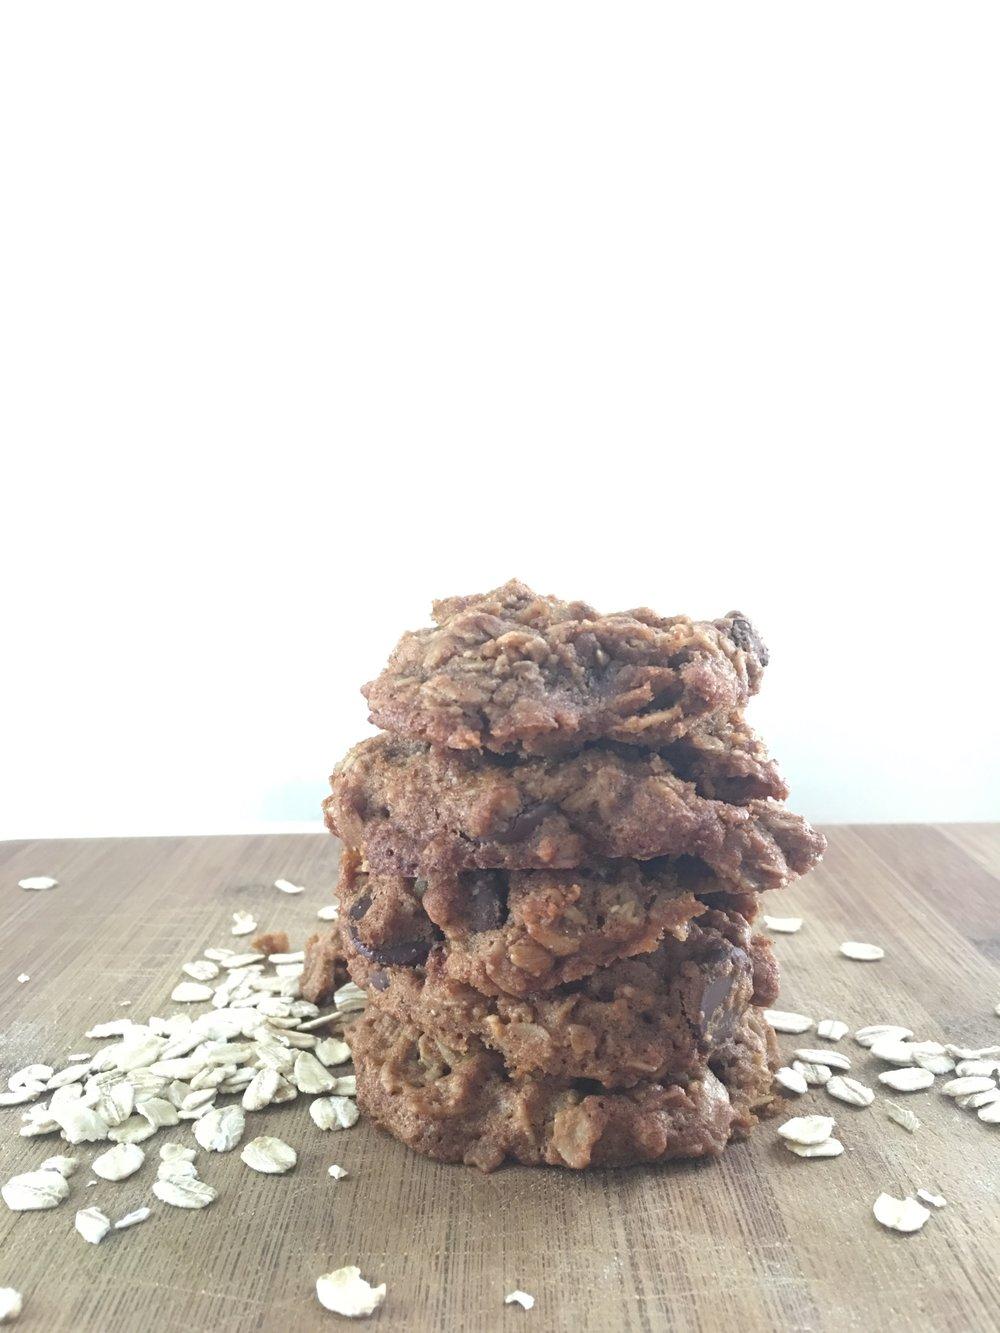 lactationcookierecipe_image1_befitdavis.jpg